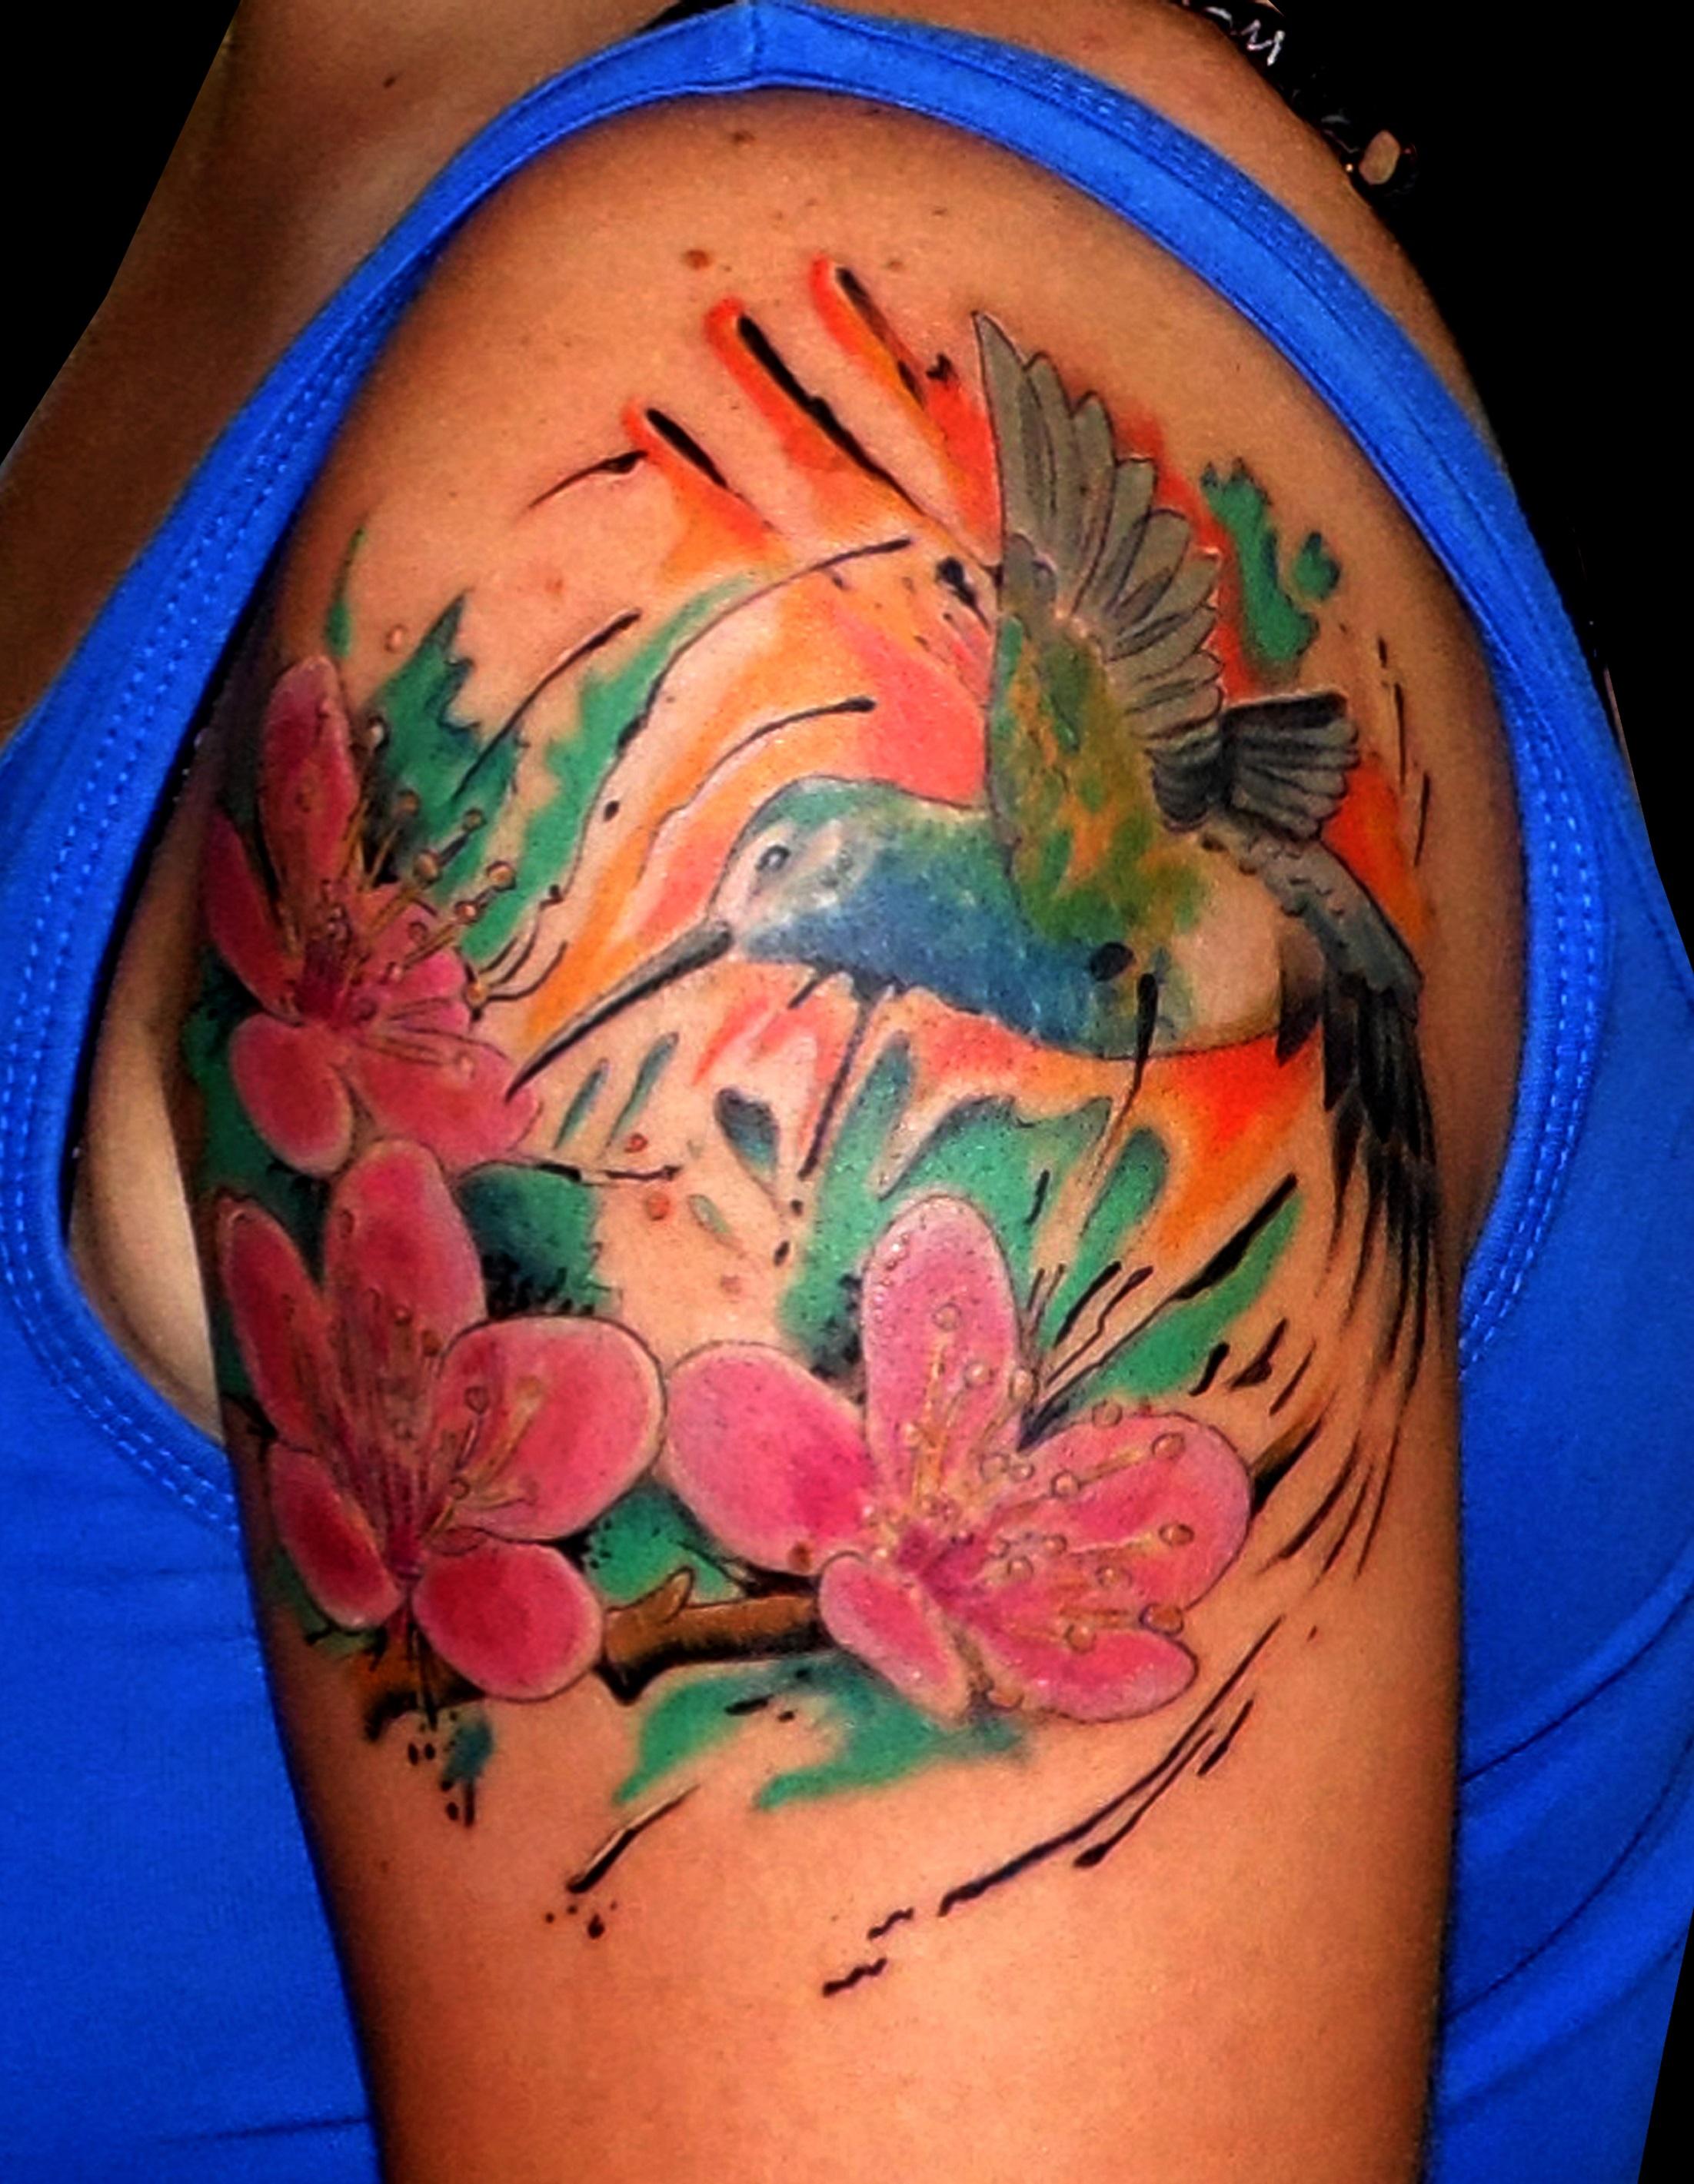 Ultimos Tatuajes 13 De Picas 13depicas Com Studio Tattoo